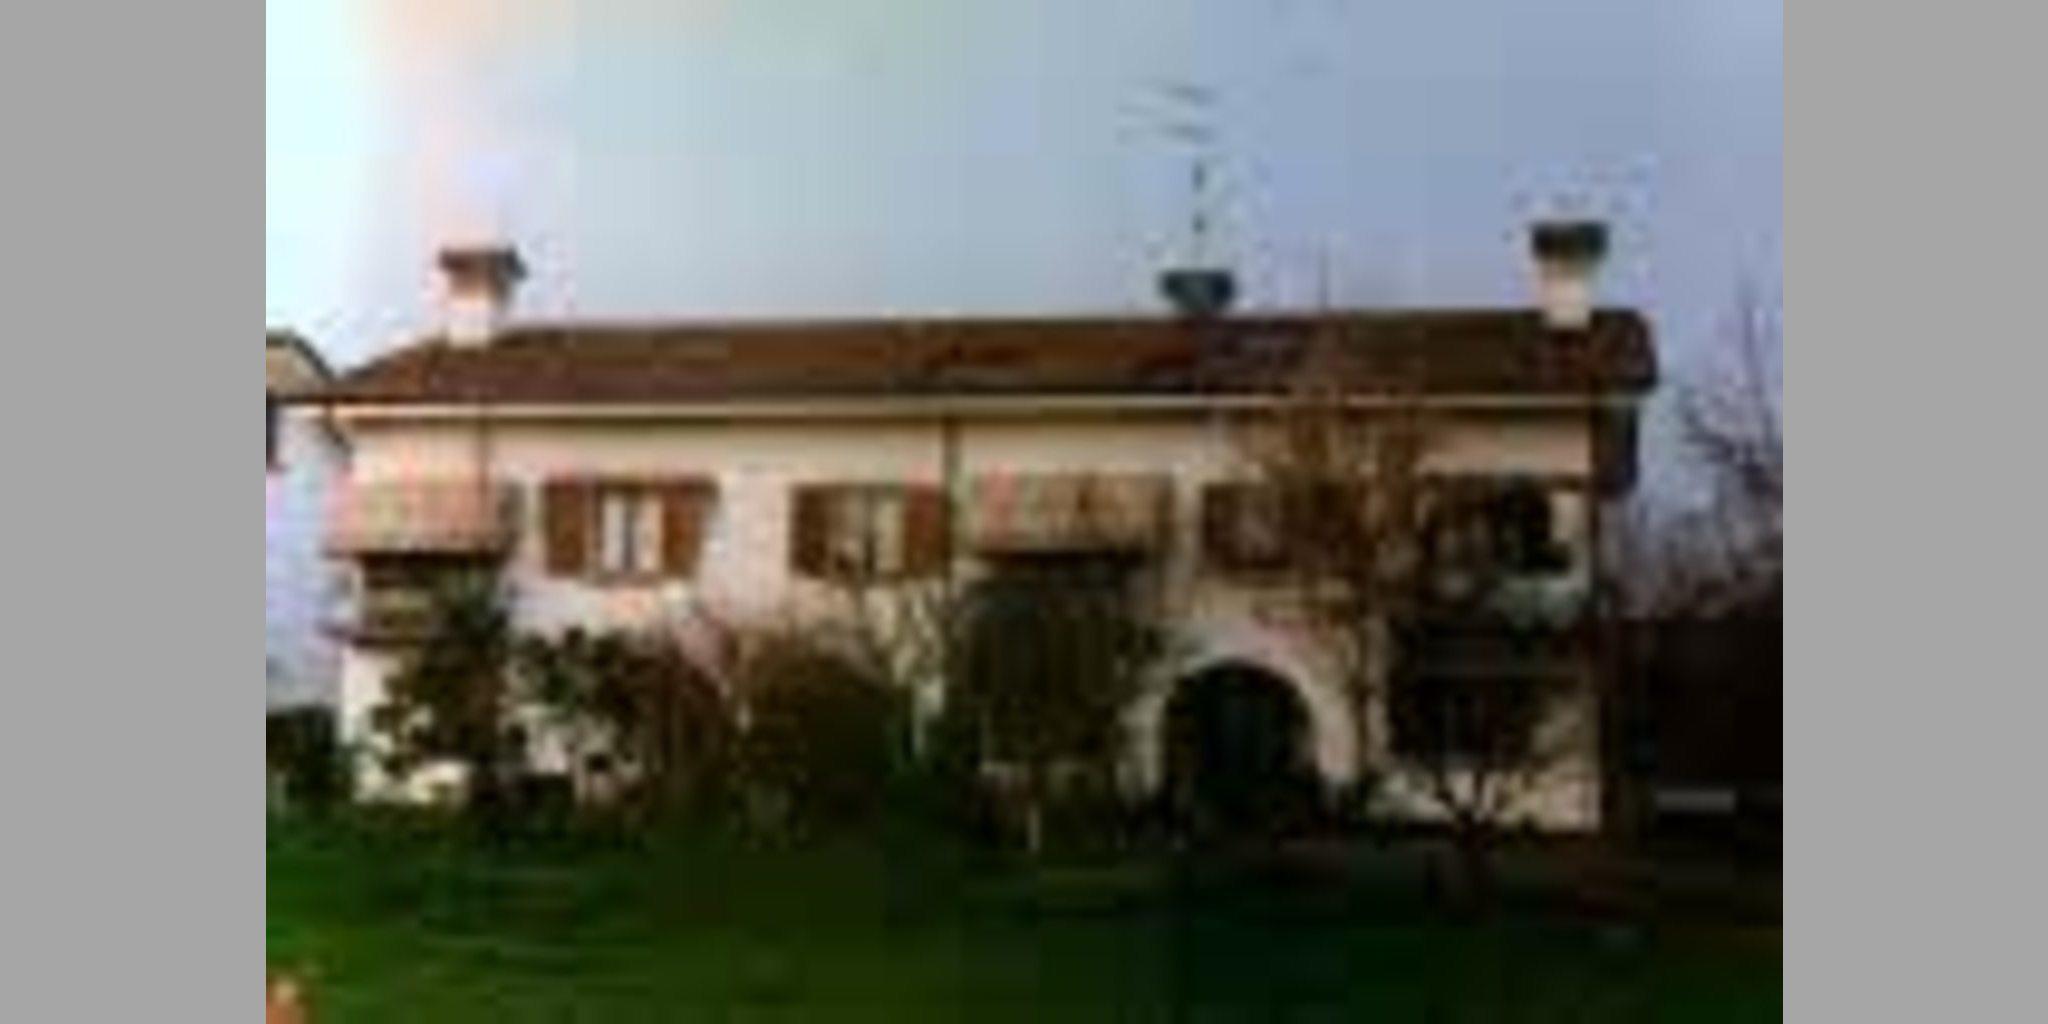 Bed & Breakfast Reggio Nell'Emilia - Ippolito Nievo